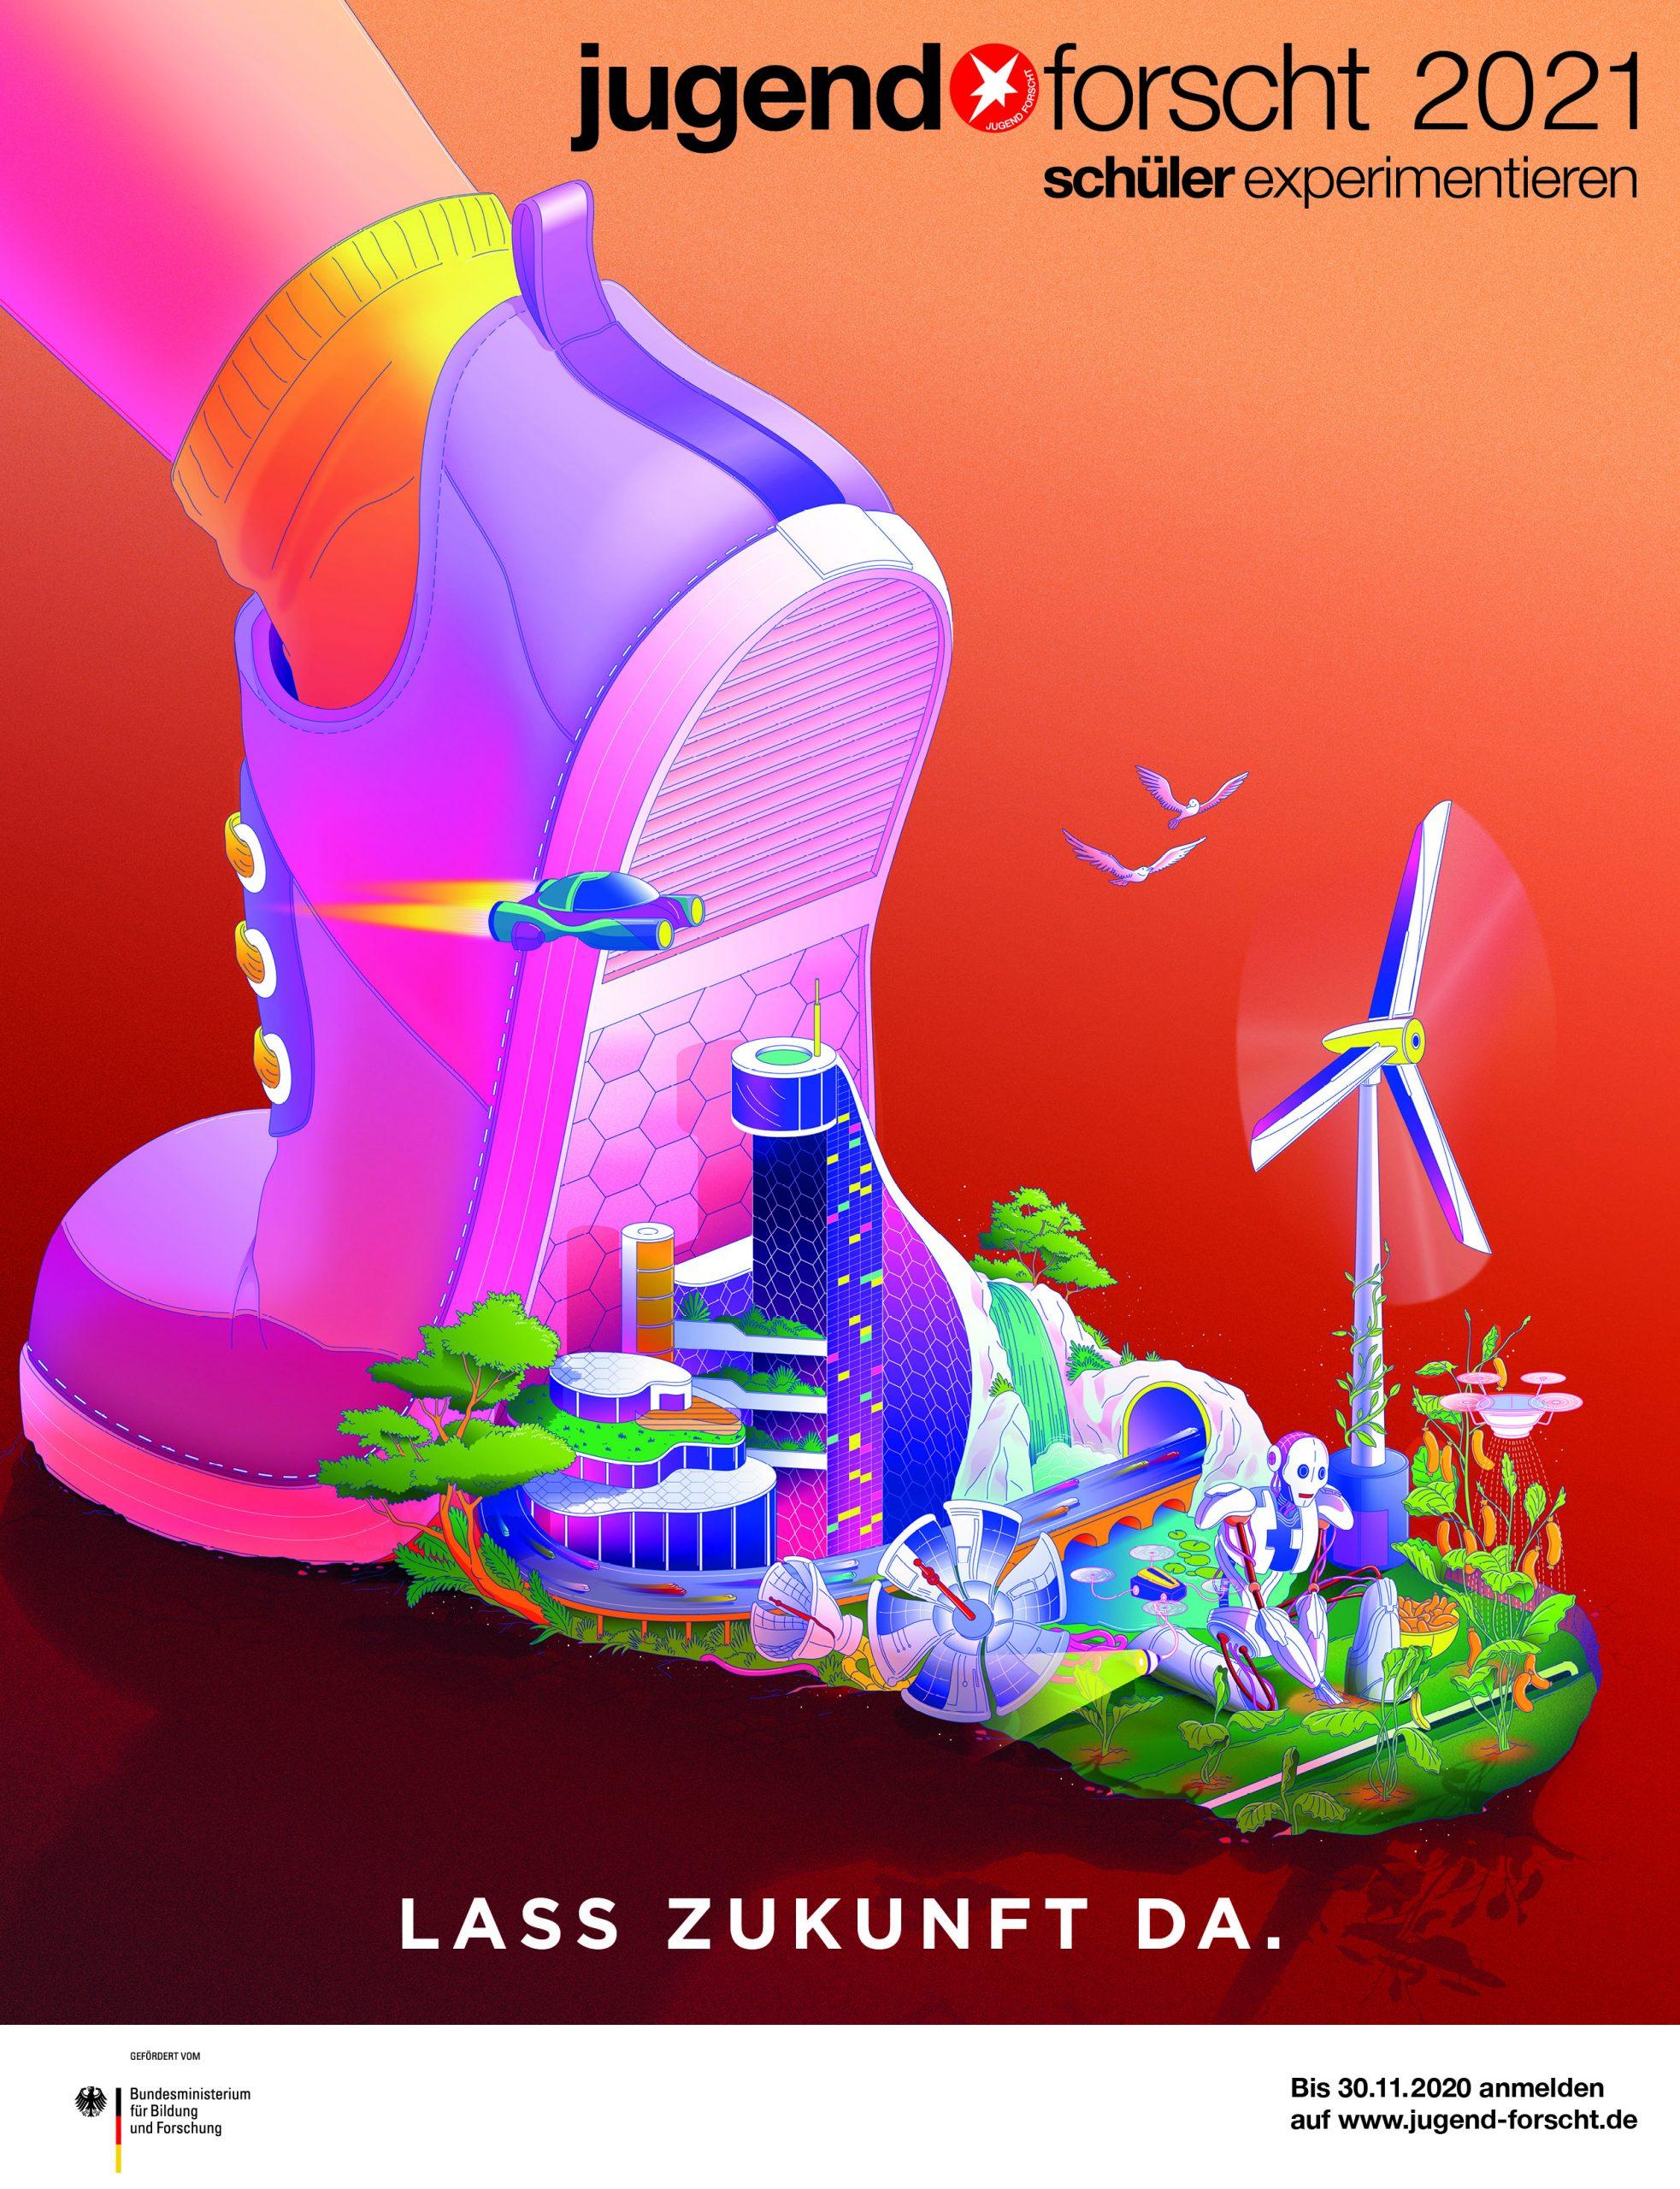 Jugend forscht Plakat 2021 scaled